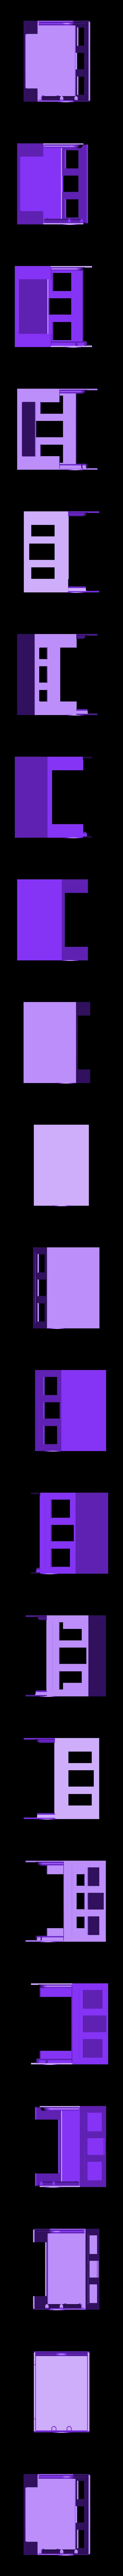 Assembly_House_2_-_Main_House.stl Télécharger fichier STL gratuit Petit maison en jouet • Design à imprimer en 3D, crprinting